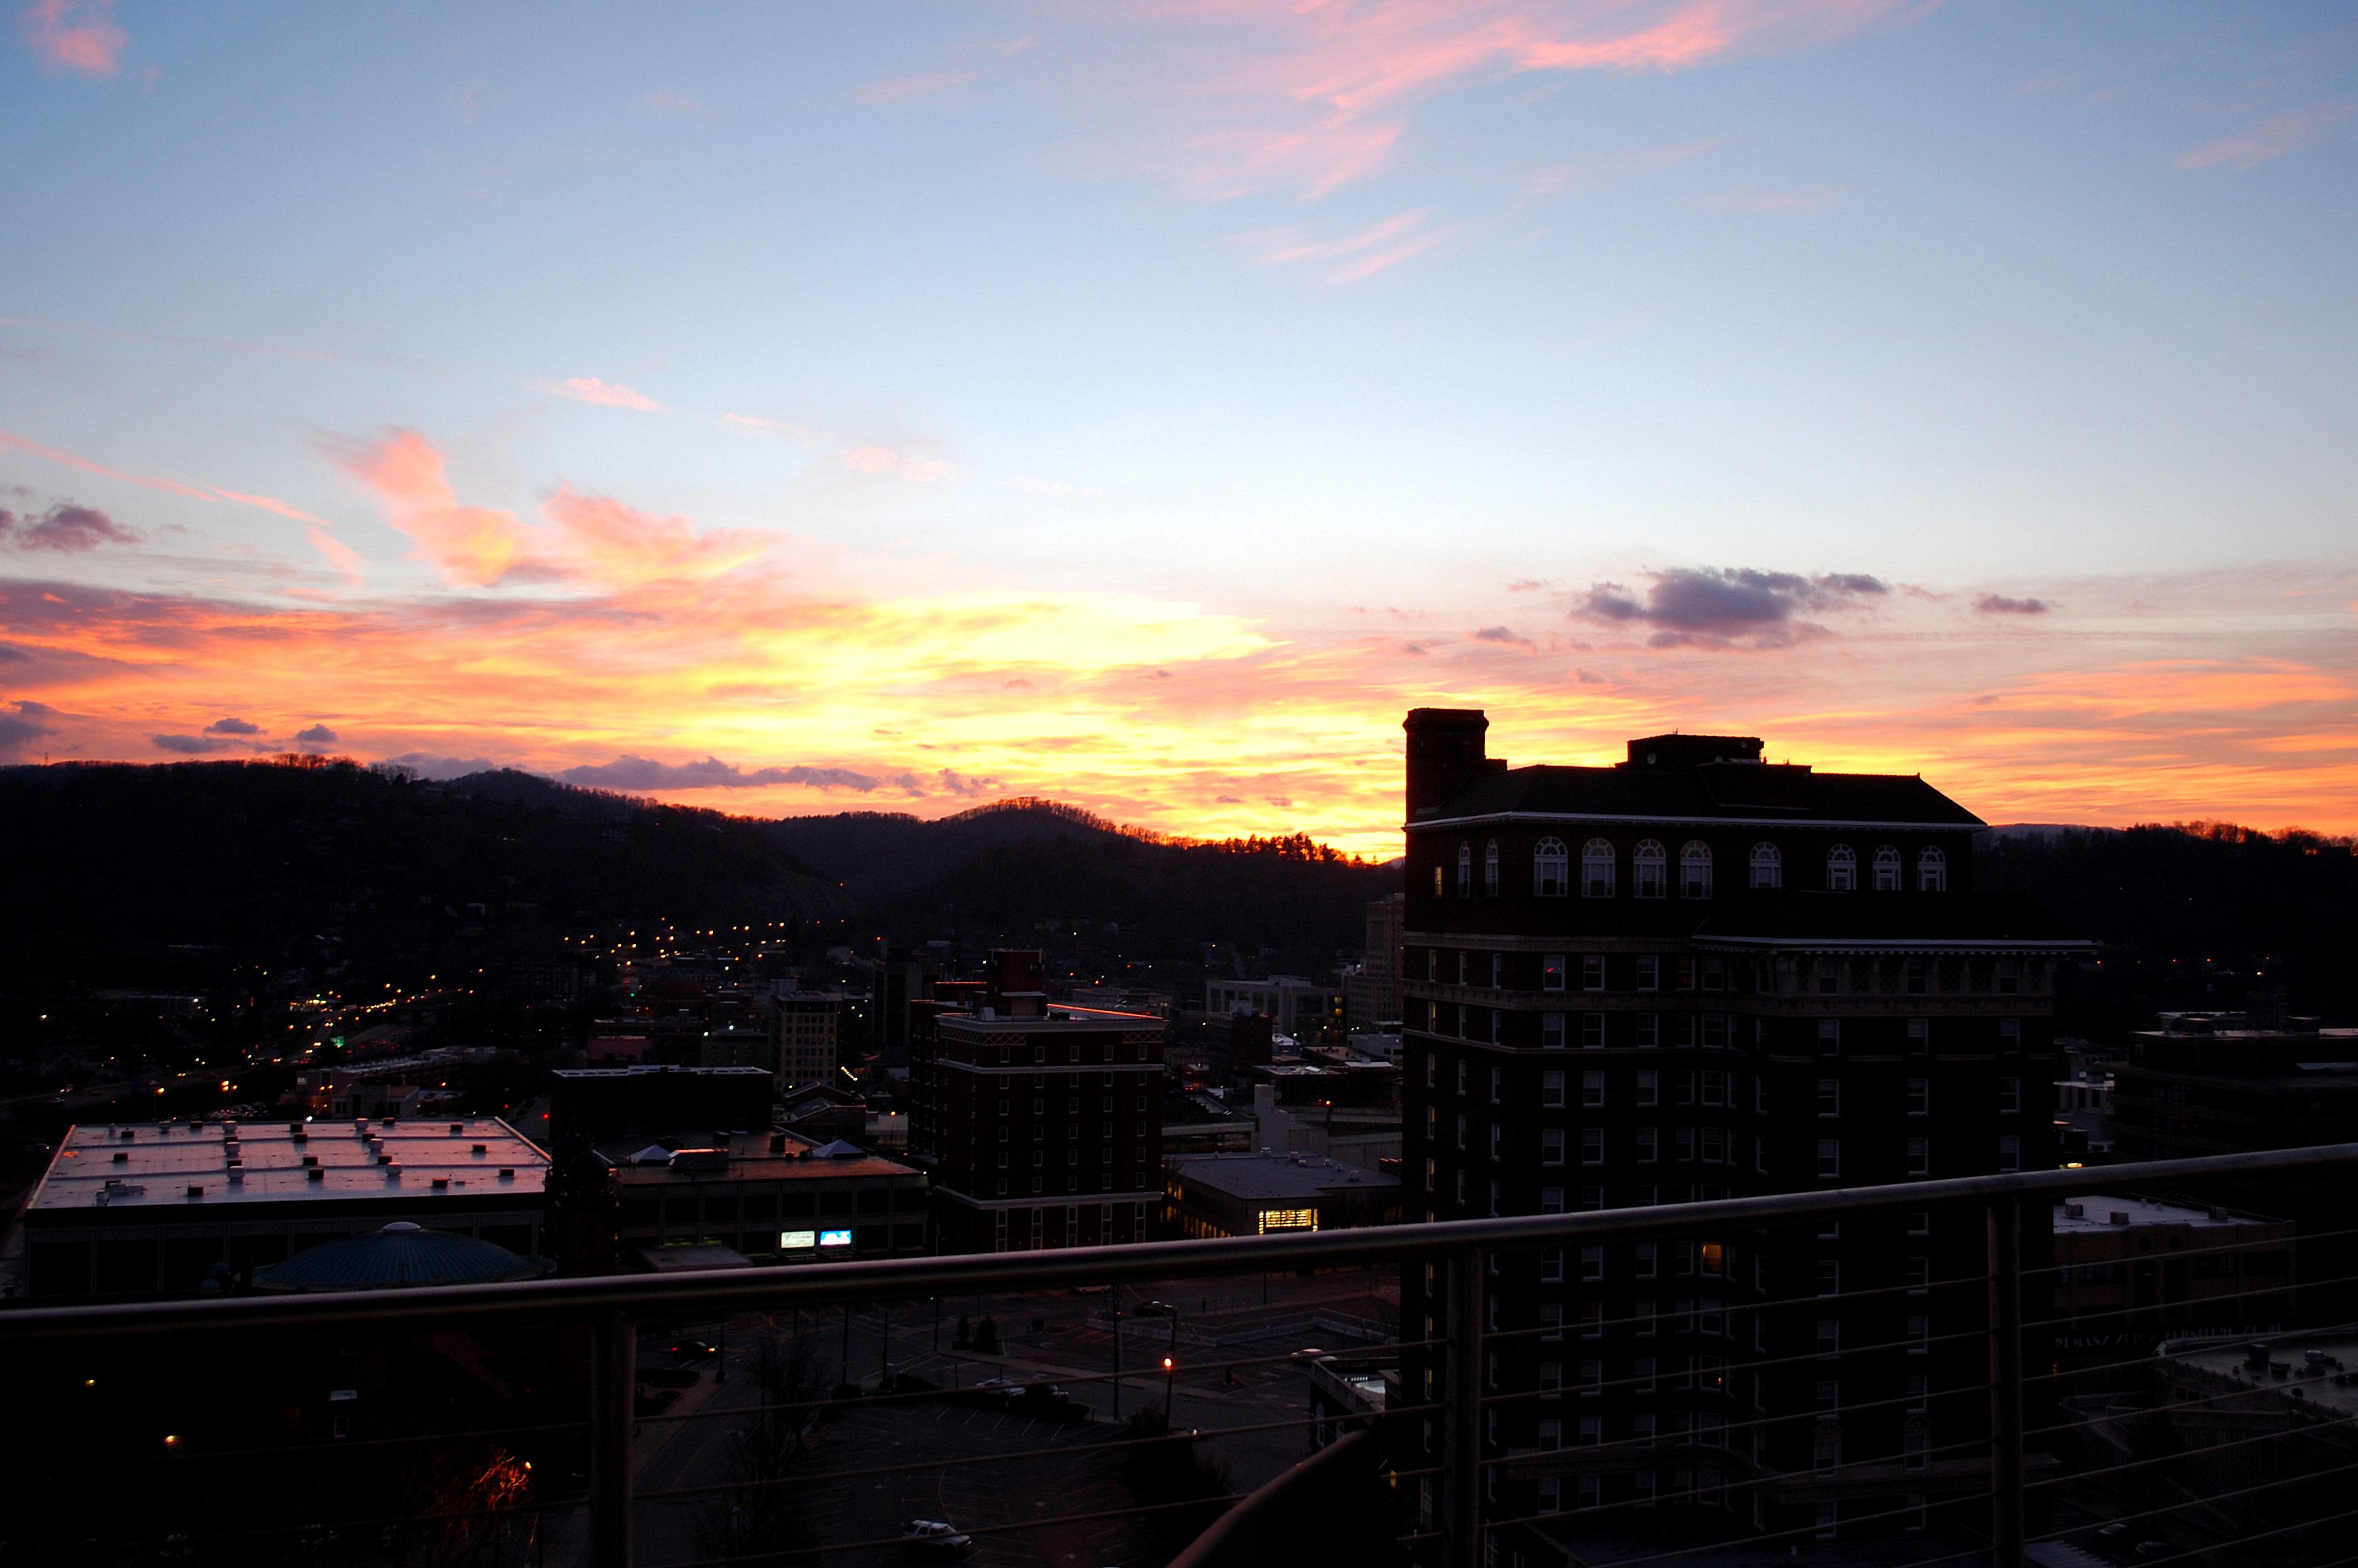 hotel sunrise 4